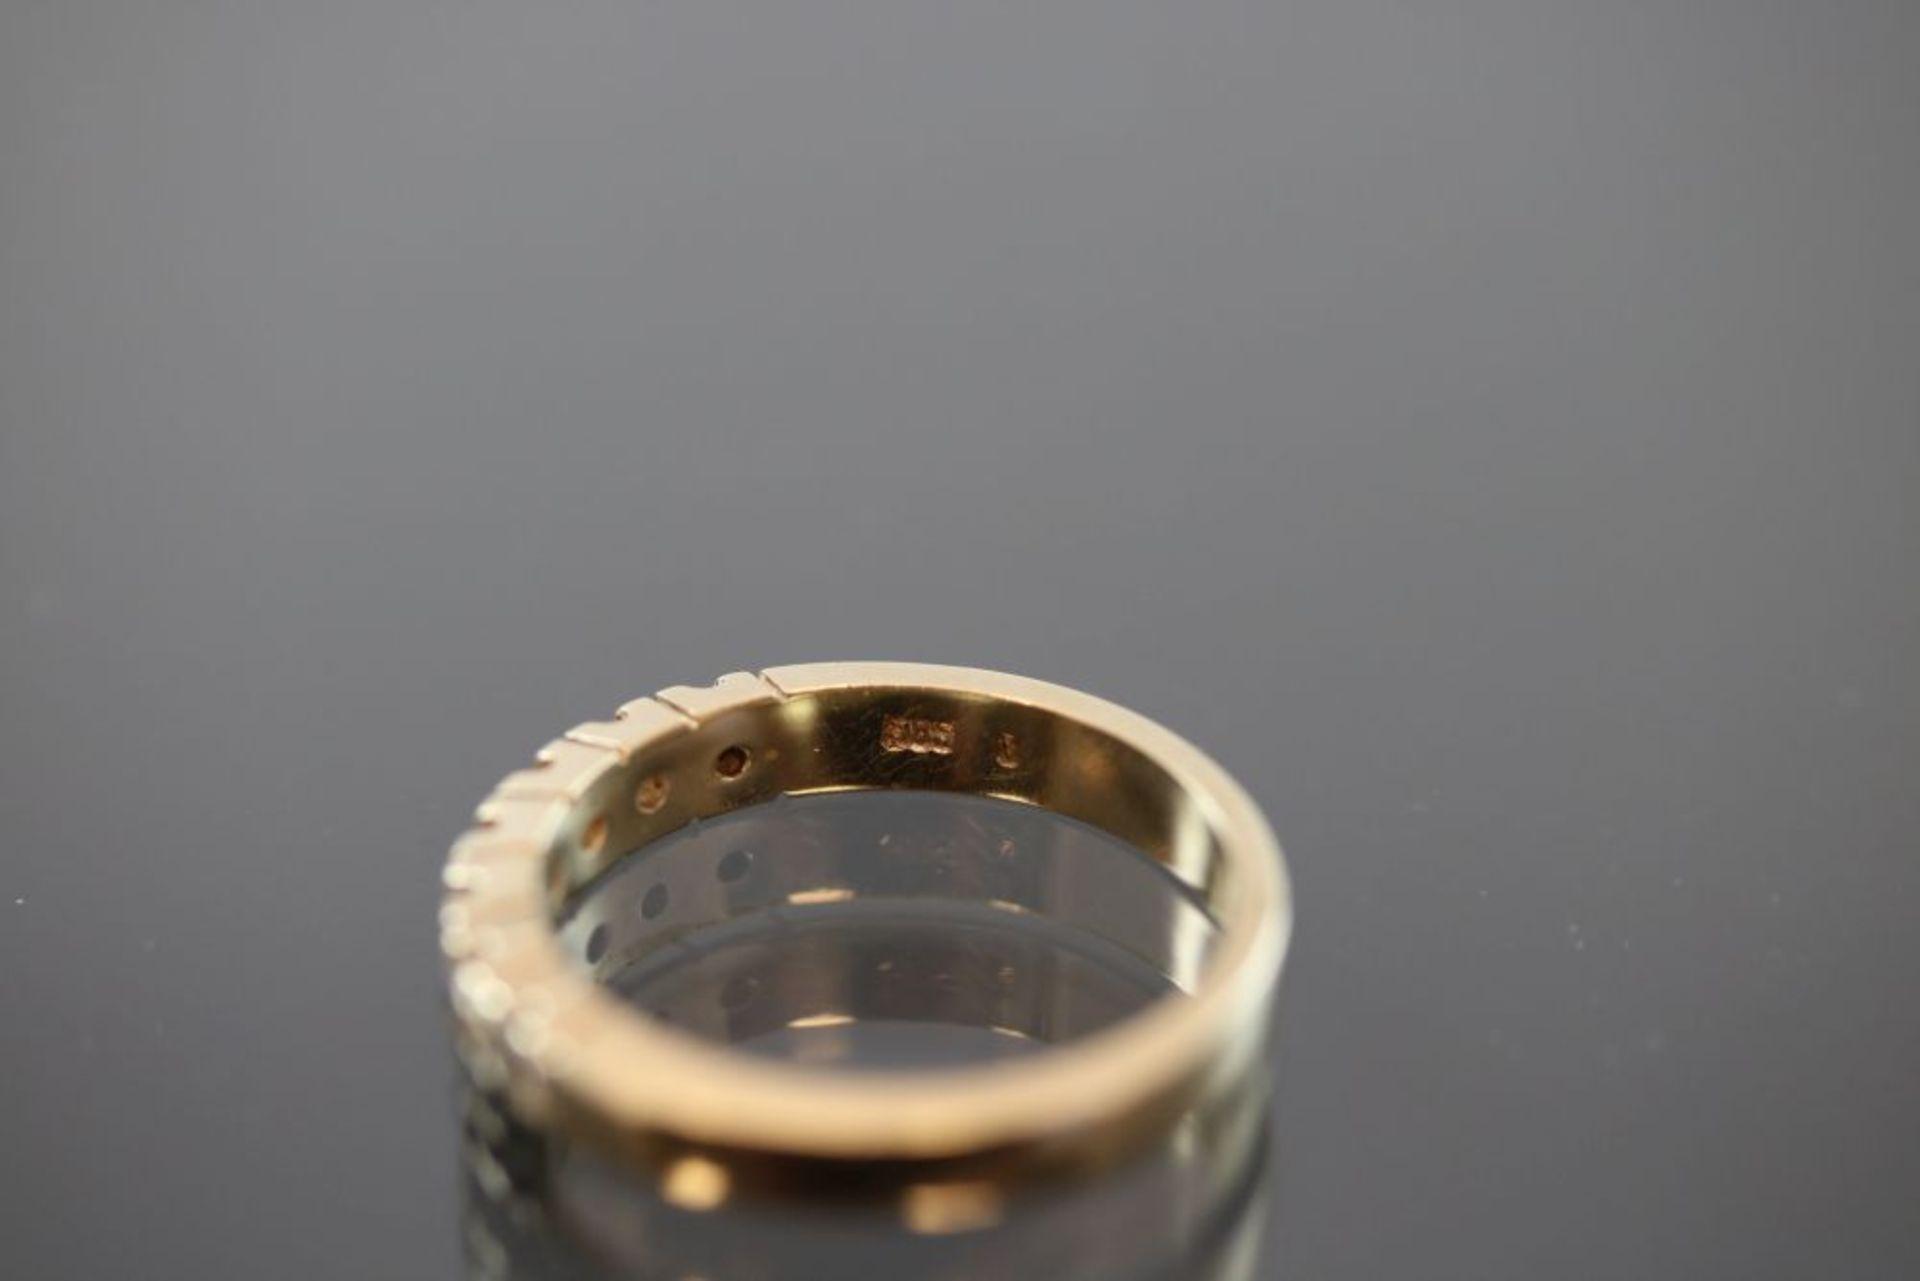 Brillant-Ring, 585 Gold - Bild 3 aus 3